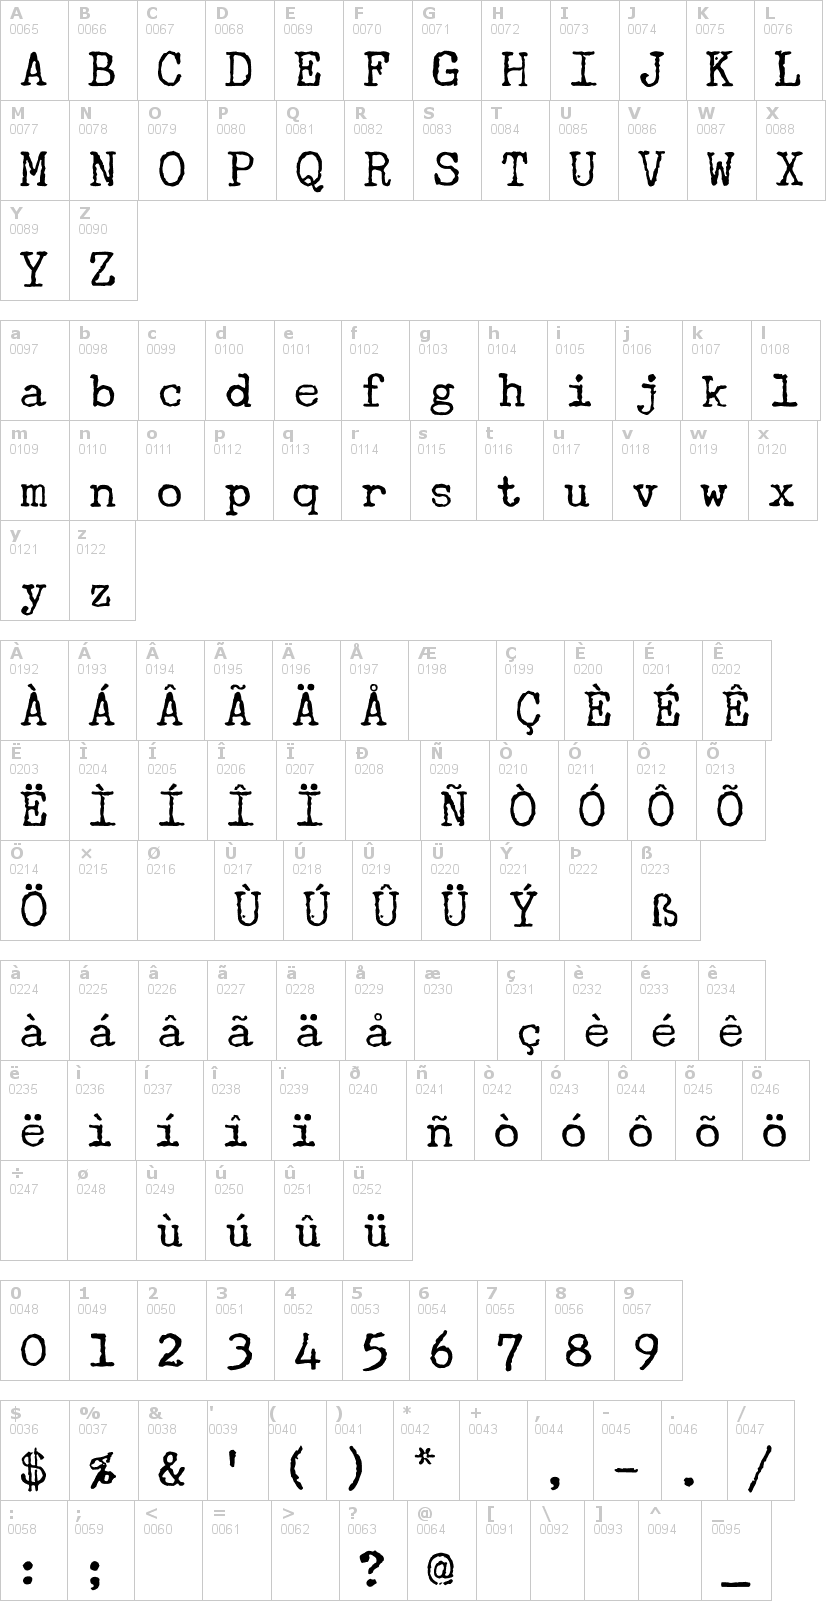 Lettere dell'alfabeto del font underwood-champion con le quali è possibile realizzare adesivi prespaziati